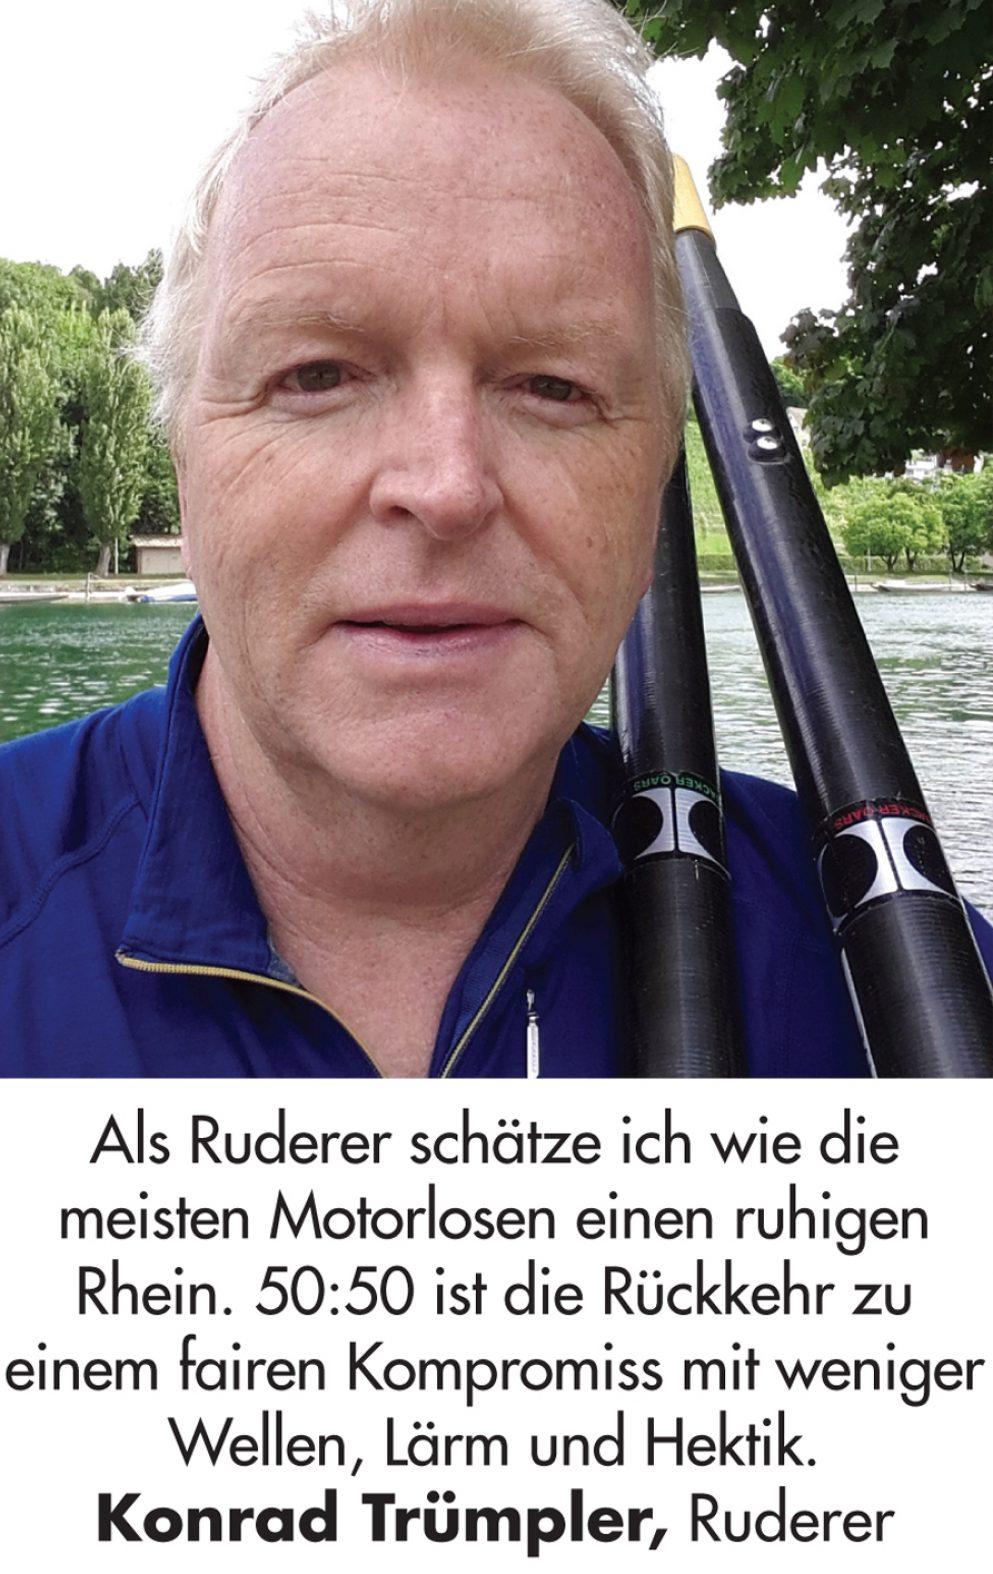 Konrad_Truempler